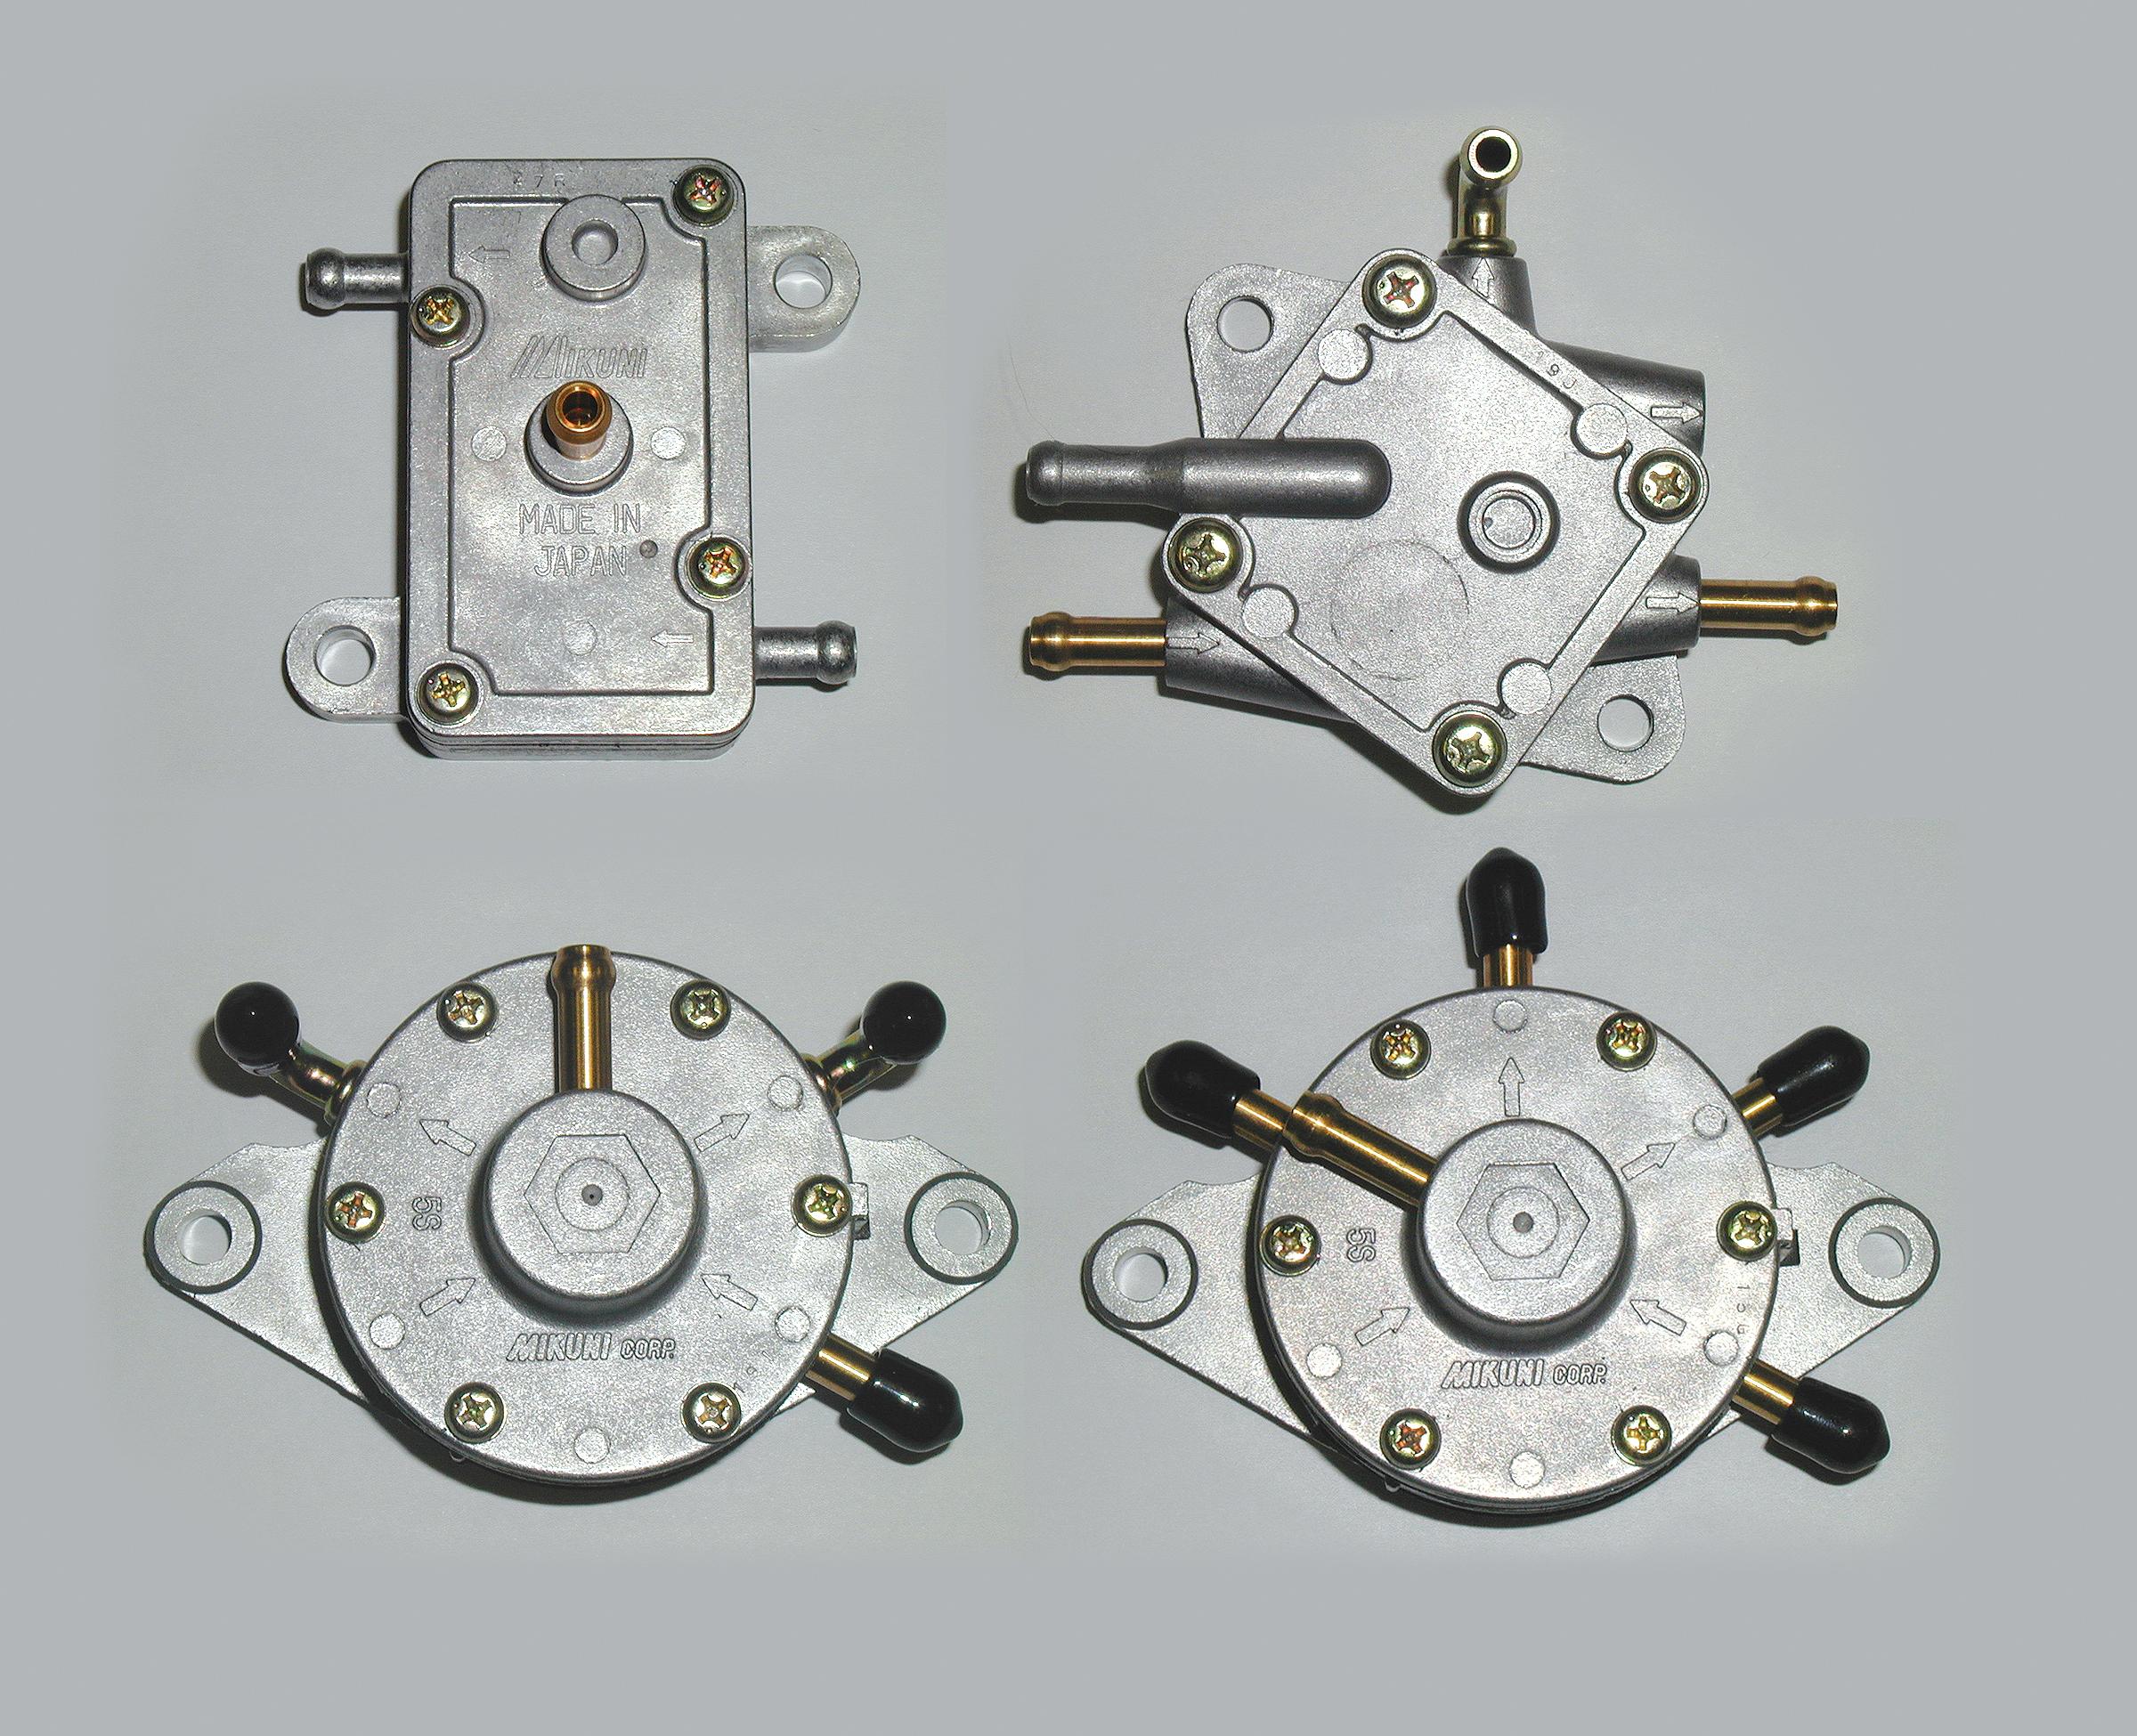 mikuni pulse fuel pump instructions